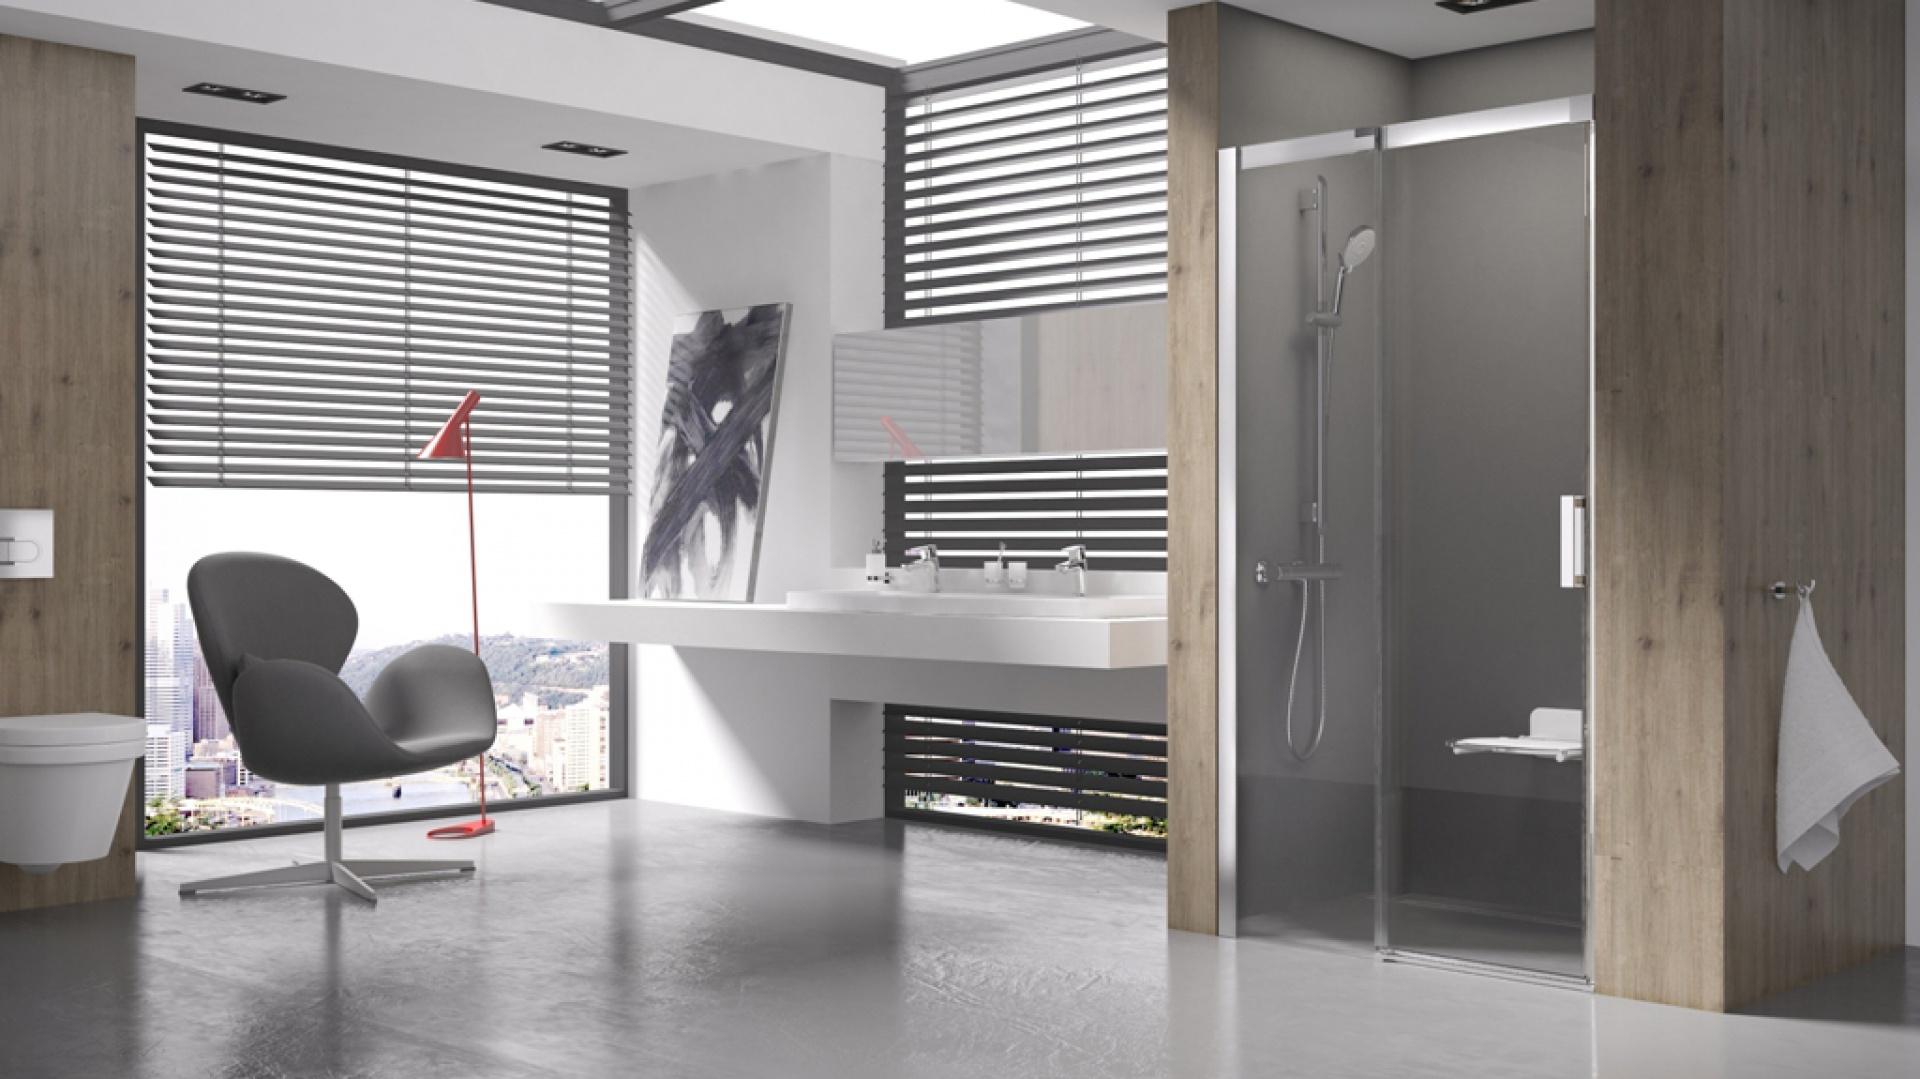 Drzwi prysznicowe Matrix MSD2 – rozmiar od 100 do 120 cm, L/R cena od 2.399 zł. Fot. raval